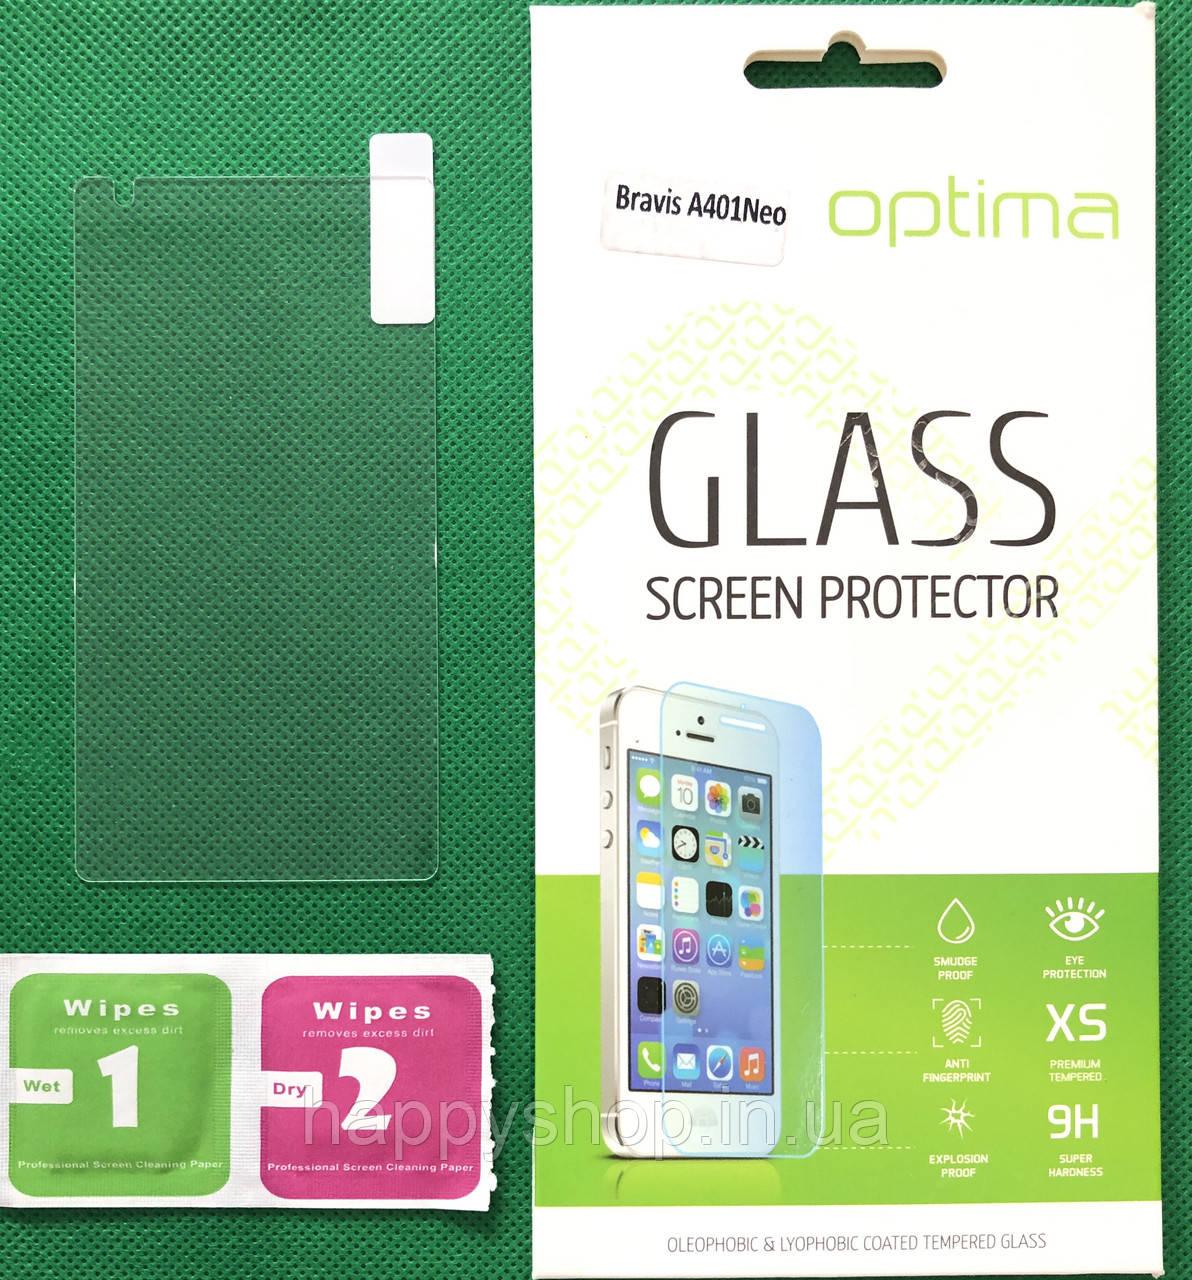 Защитное стекло для Bravis A401 Neo